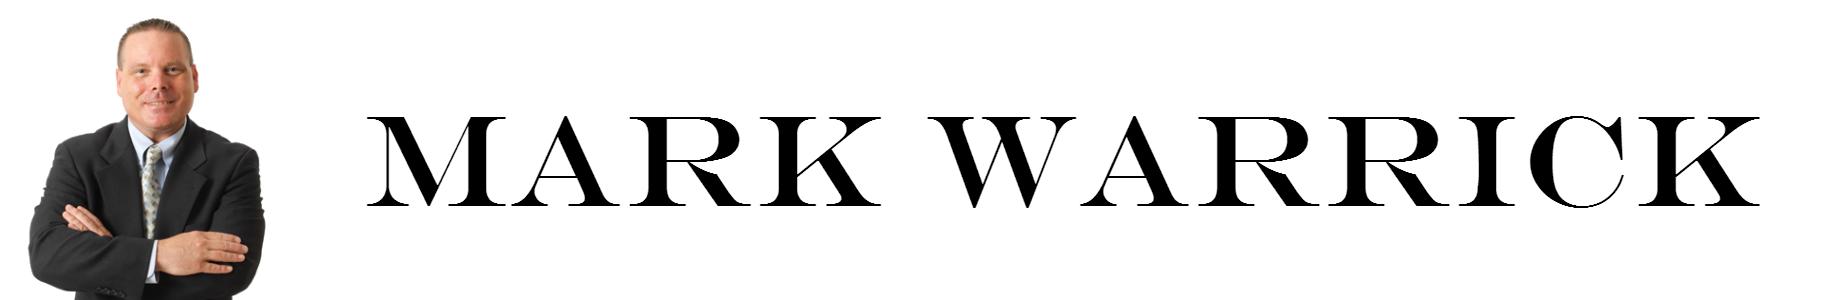 Mark Warrick